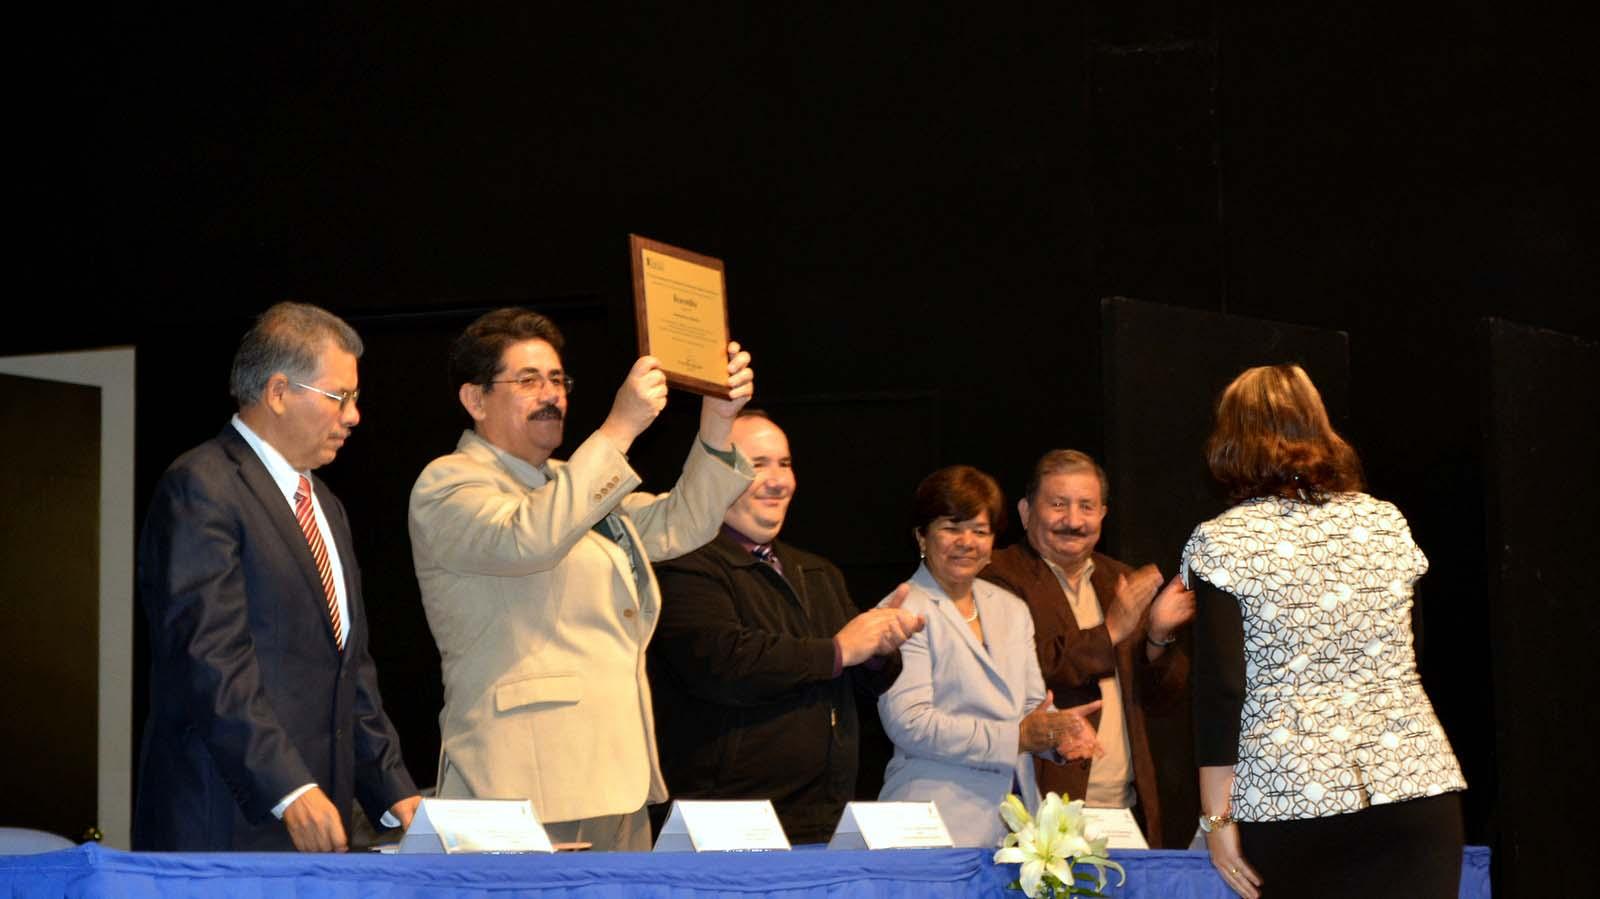 Mtro. Alfredo Tomás Ortega Ojeda, Rector de Cucsur mostrando acreditación oficial